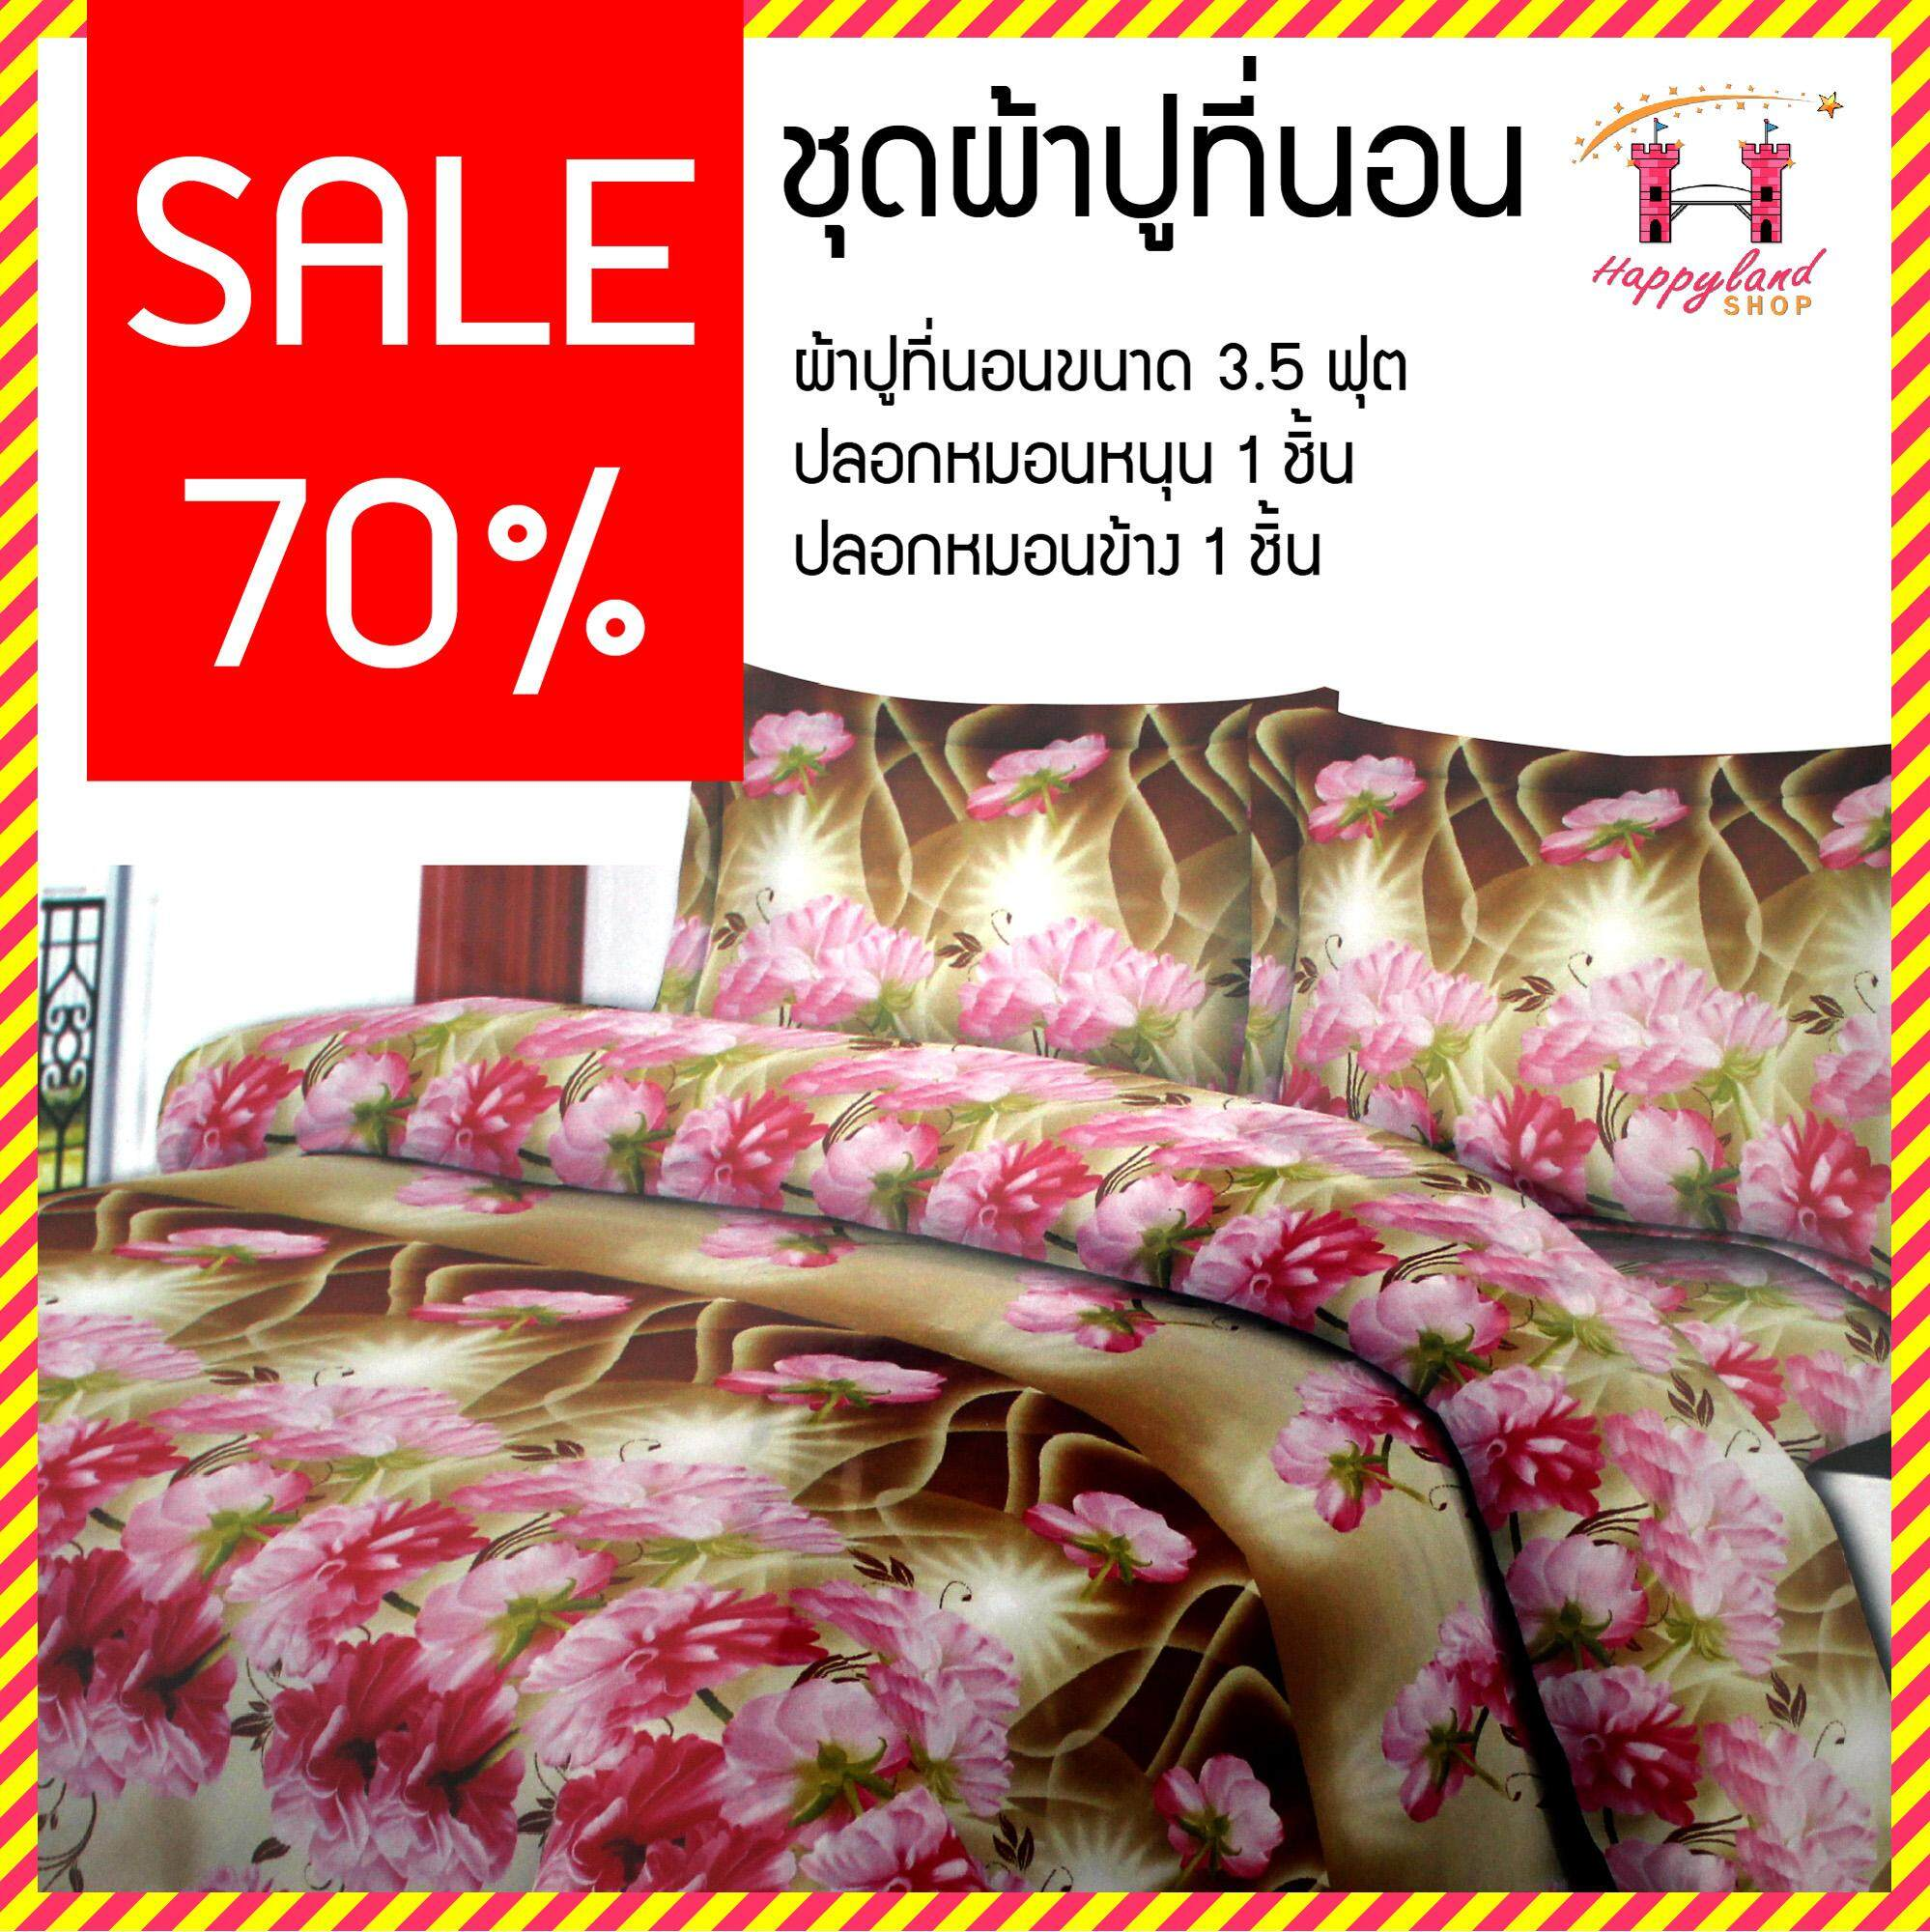 ชุดผ้าปูที่นอนลายดอกไม้สีชมพูน้ำตาล 3.5ฟุต 3ชิ้น รุ่น Hl989191.